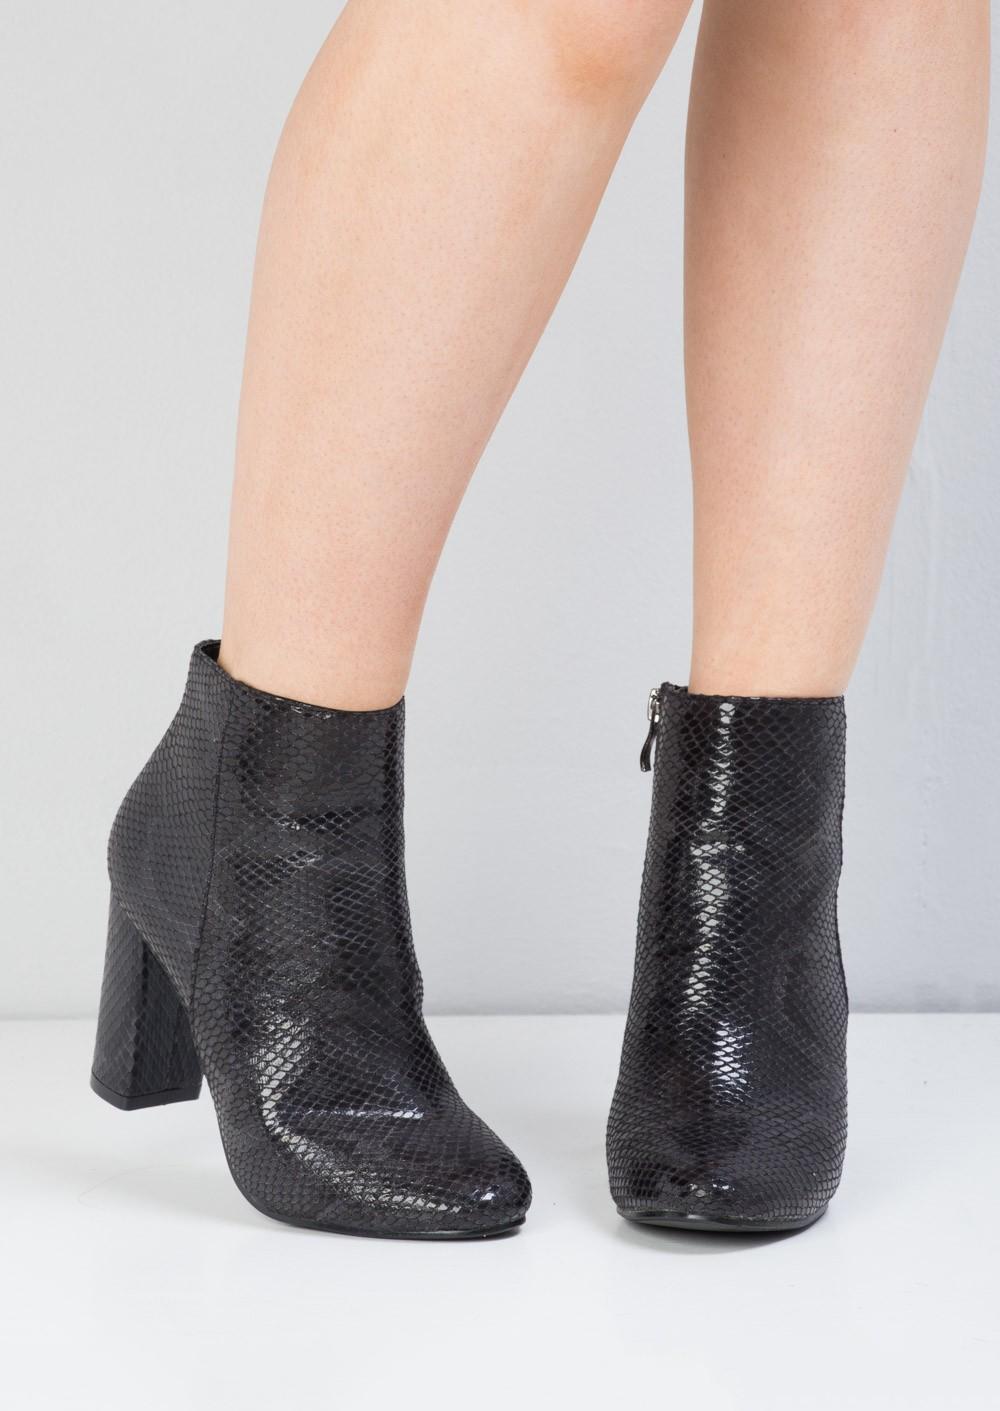 Retro Black Buckle Snake Skin Look Platform Stiletto Ankle Bootie BootLF80852